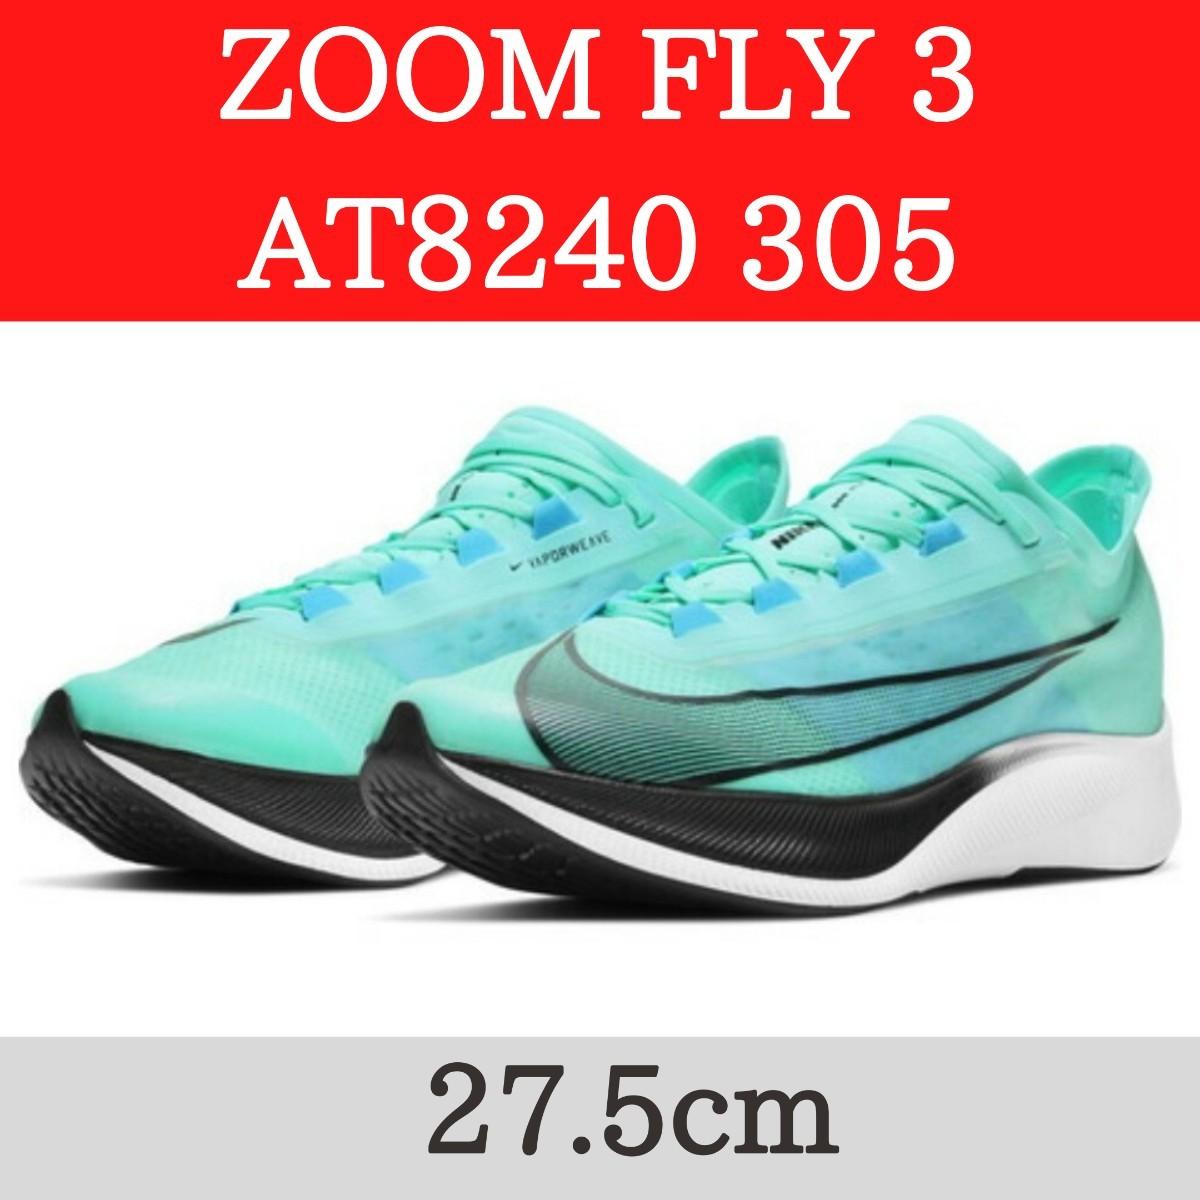 ナイキ ズーム フライ 3 ZOOM FLY 3 AT8240 305  ホワイト×ブルー 27.5cm